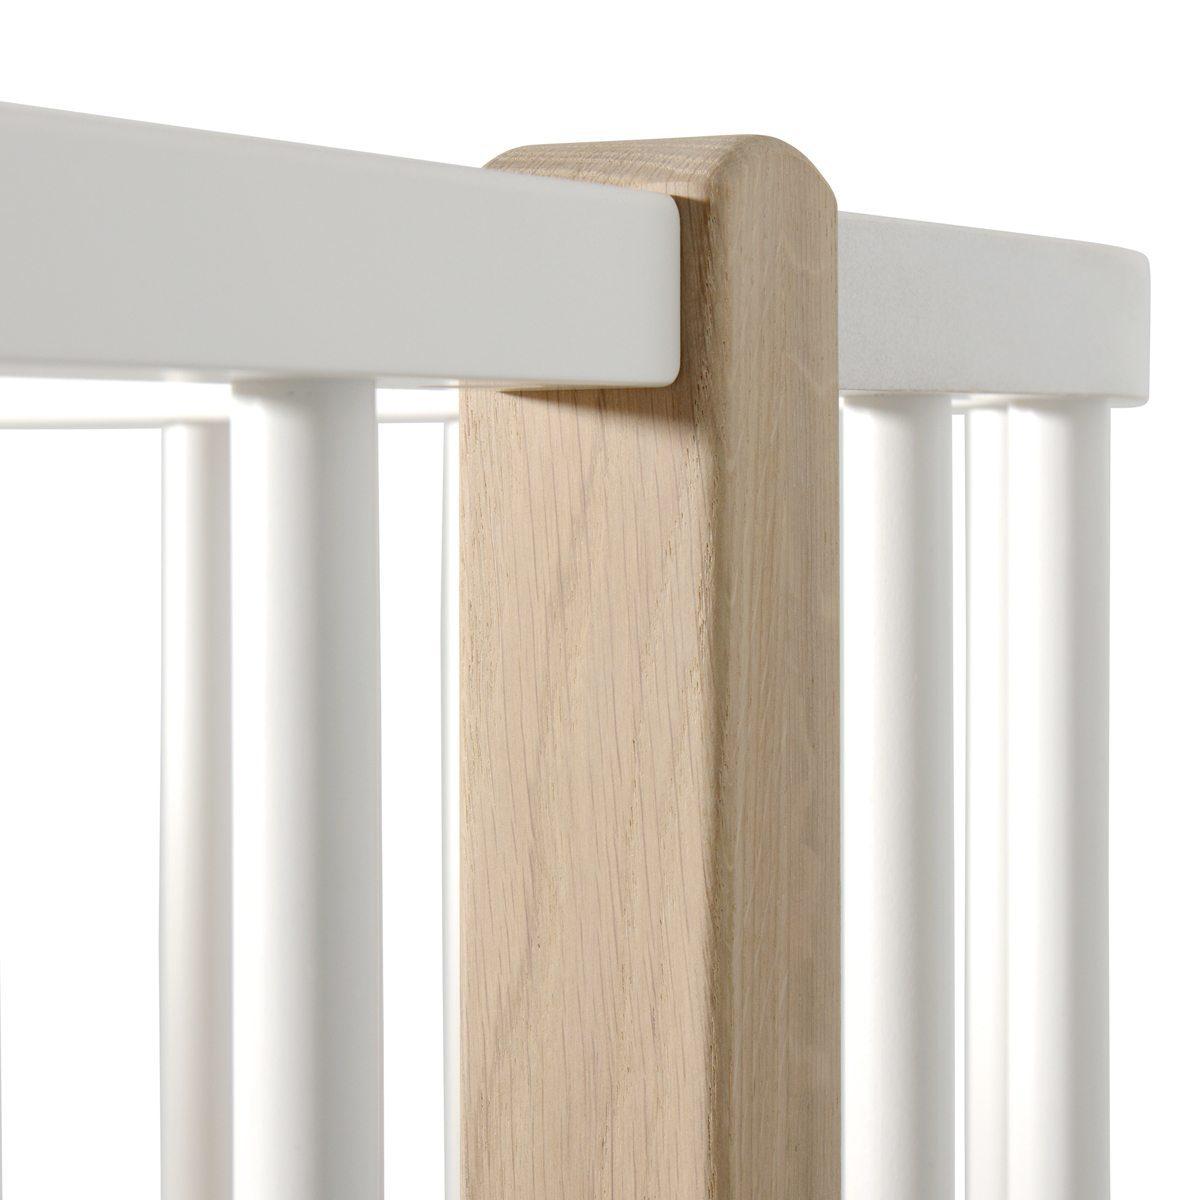 Oliver Furniture Loft bed Wood white oak detail